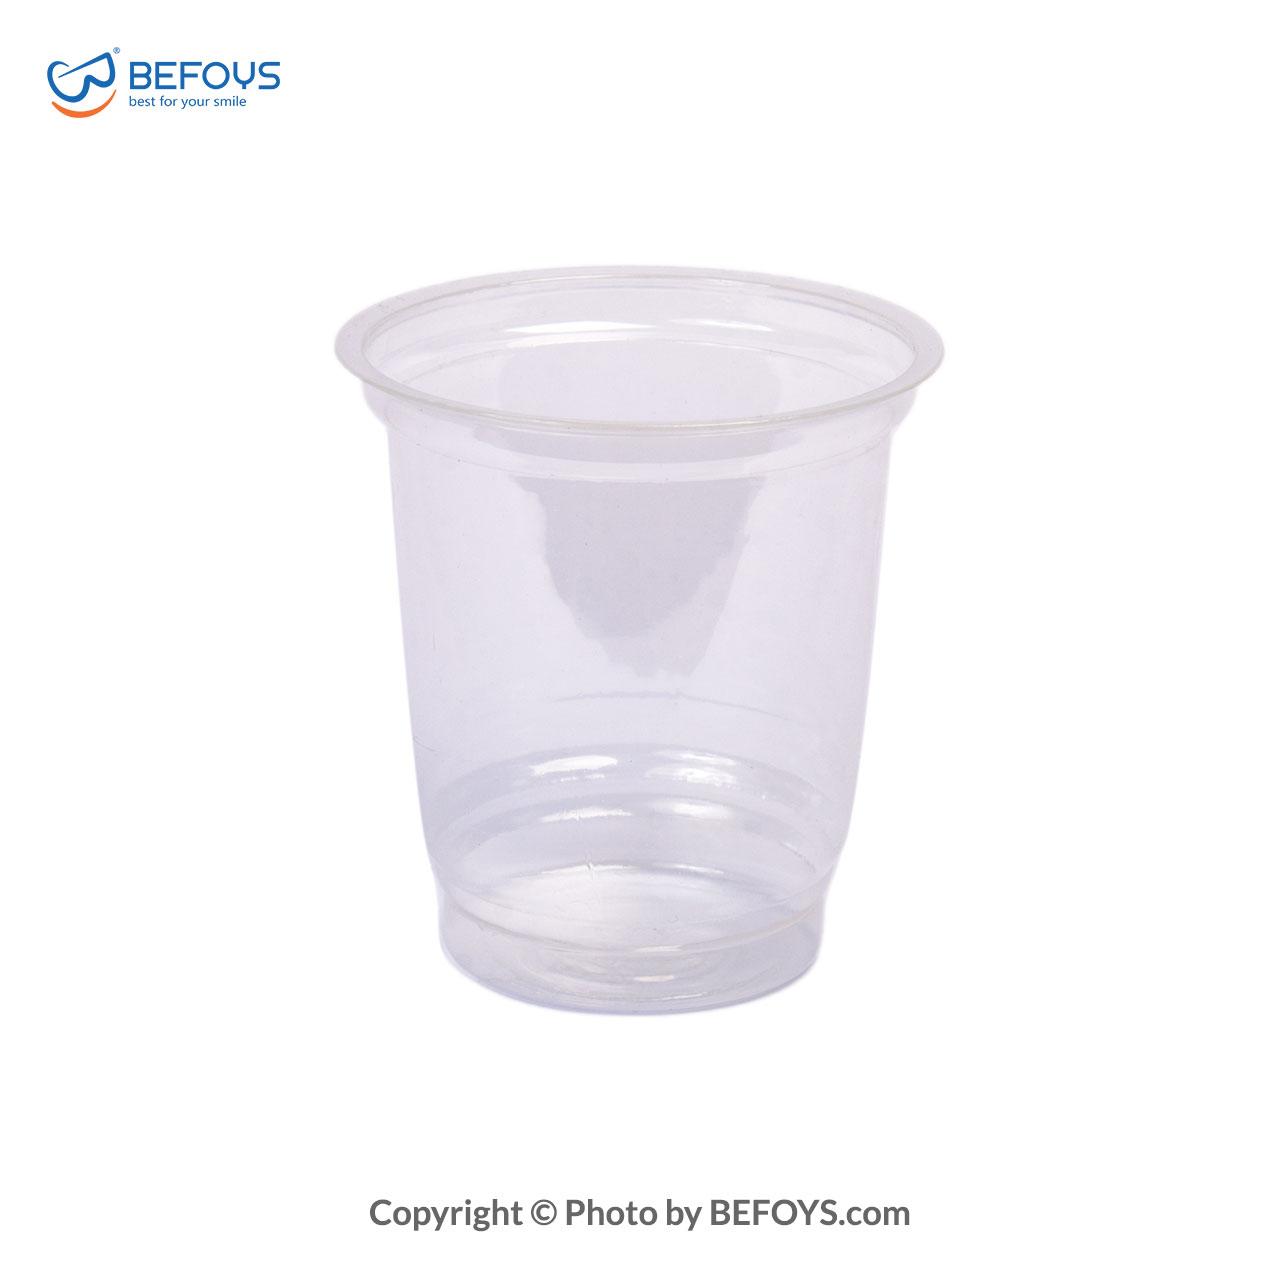 لیوان یکبار مصرف  تندیس 350 سی سی